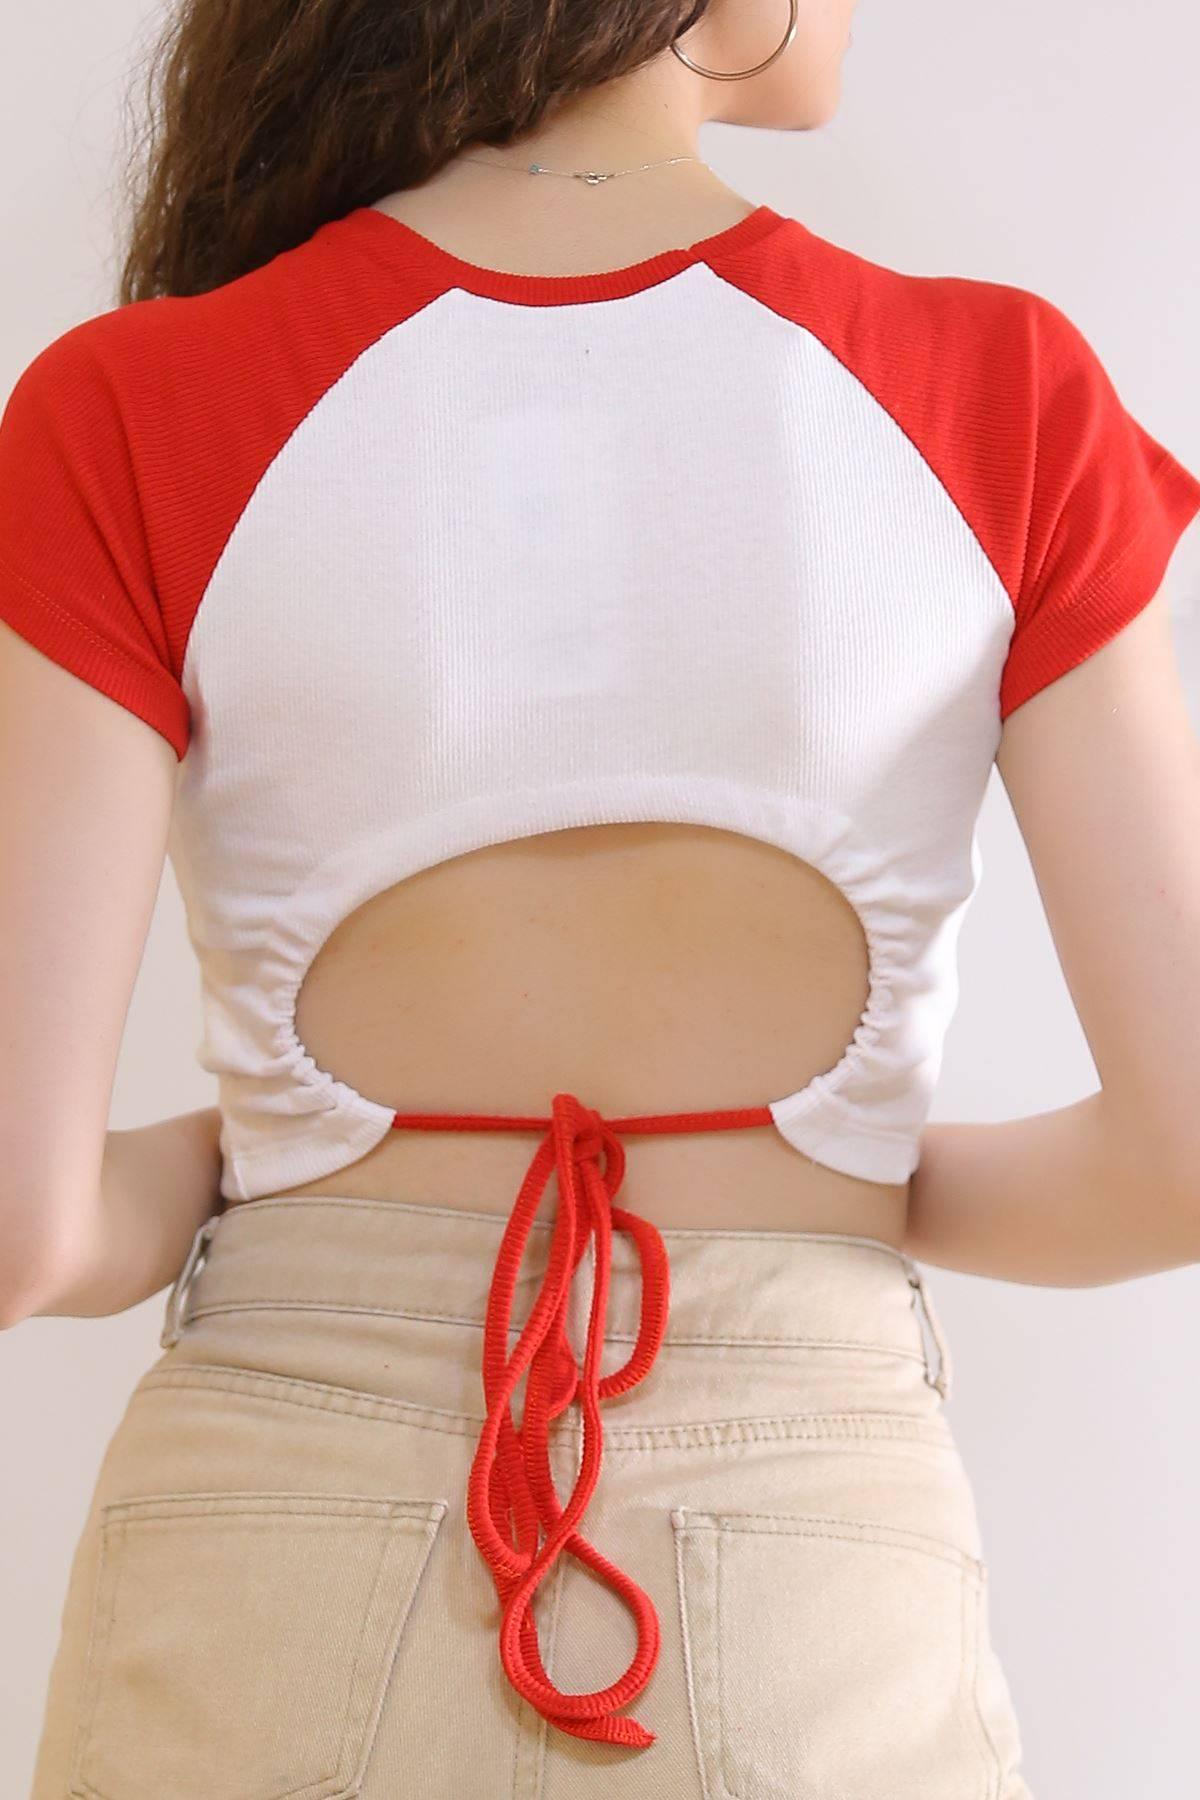 Arkadan Bağalamalı Crop Bluz Kırmızı - 6185.1254.